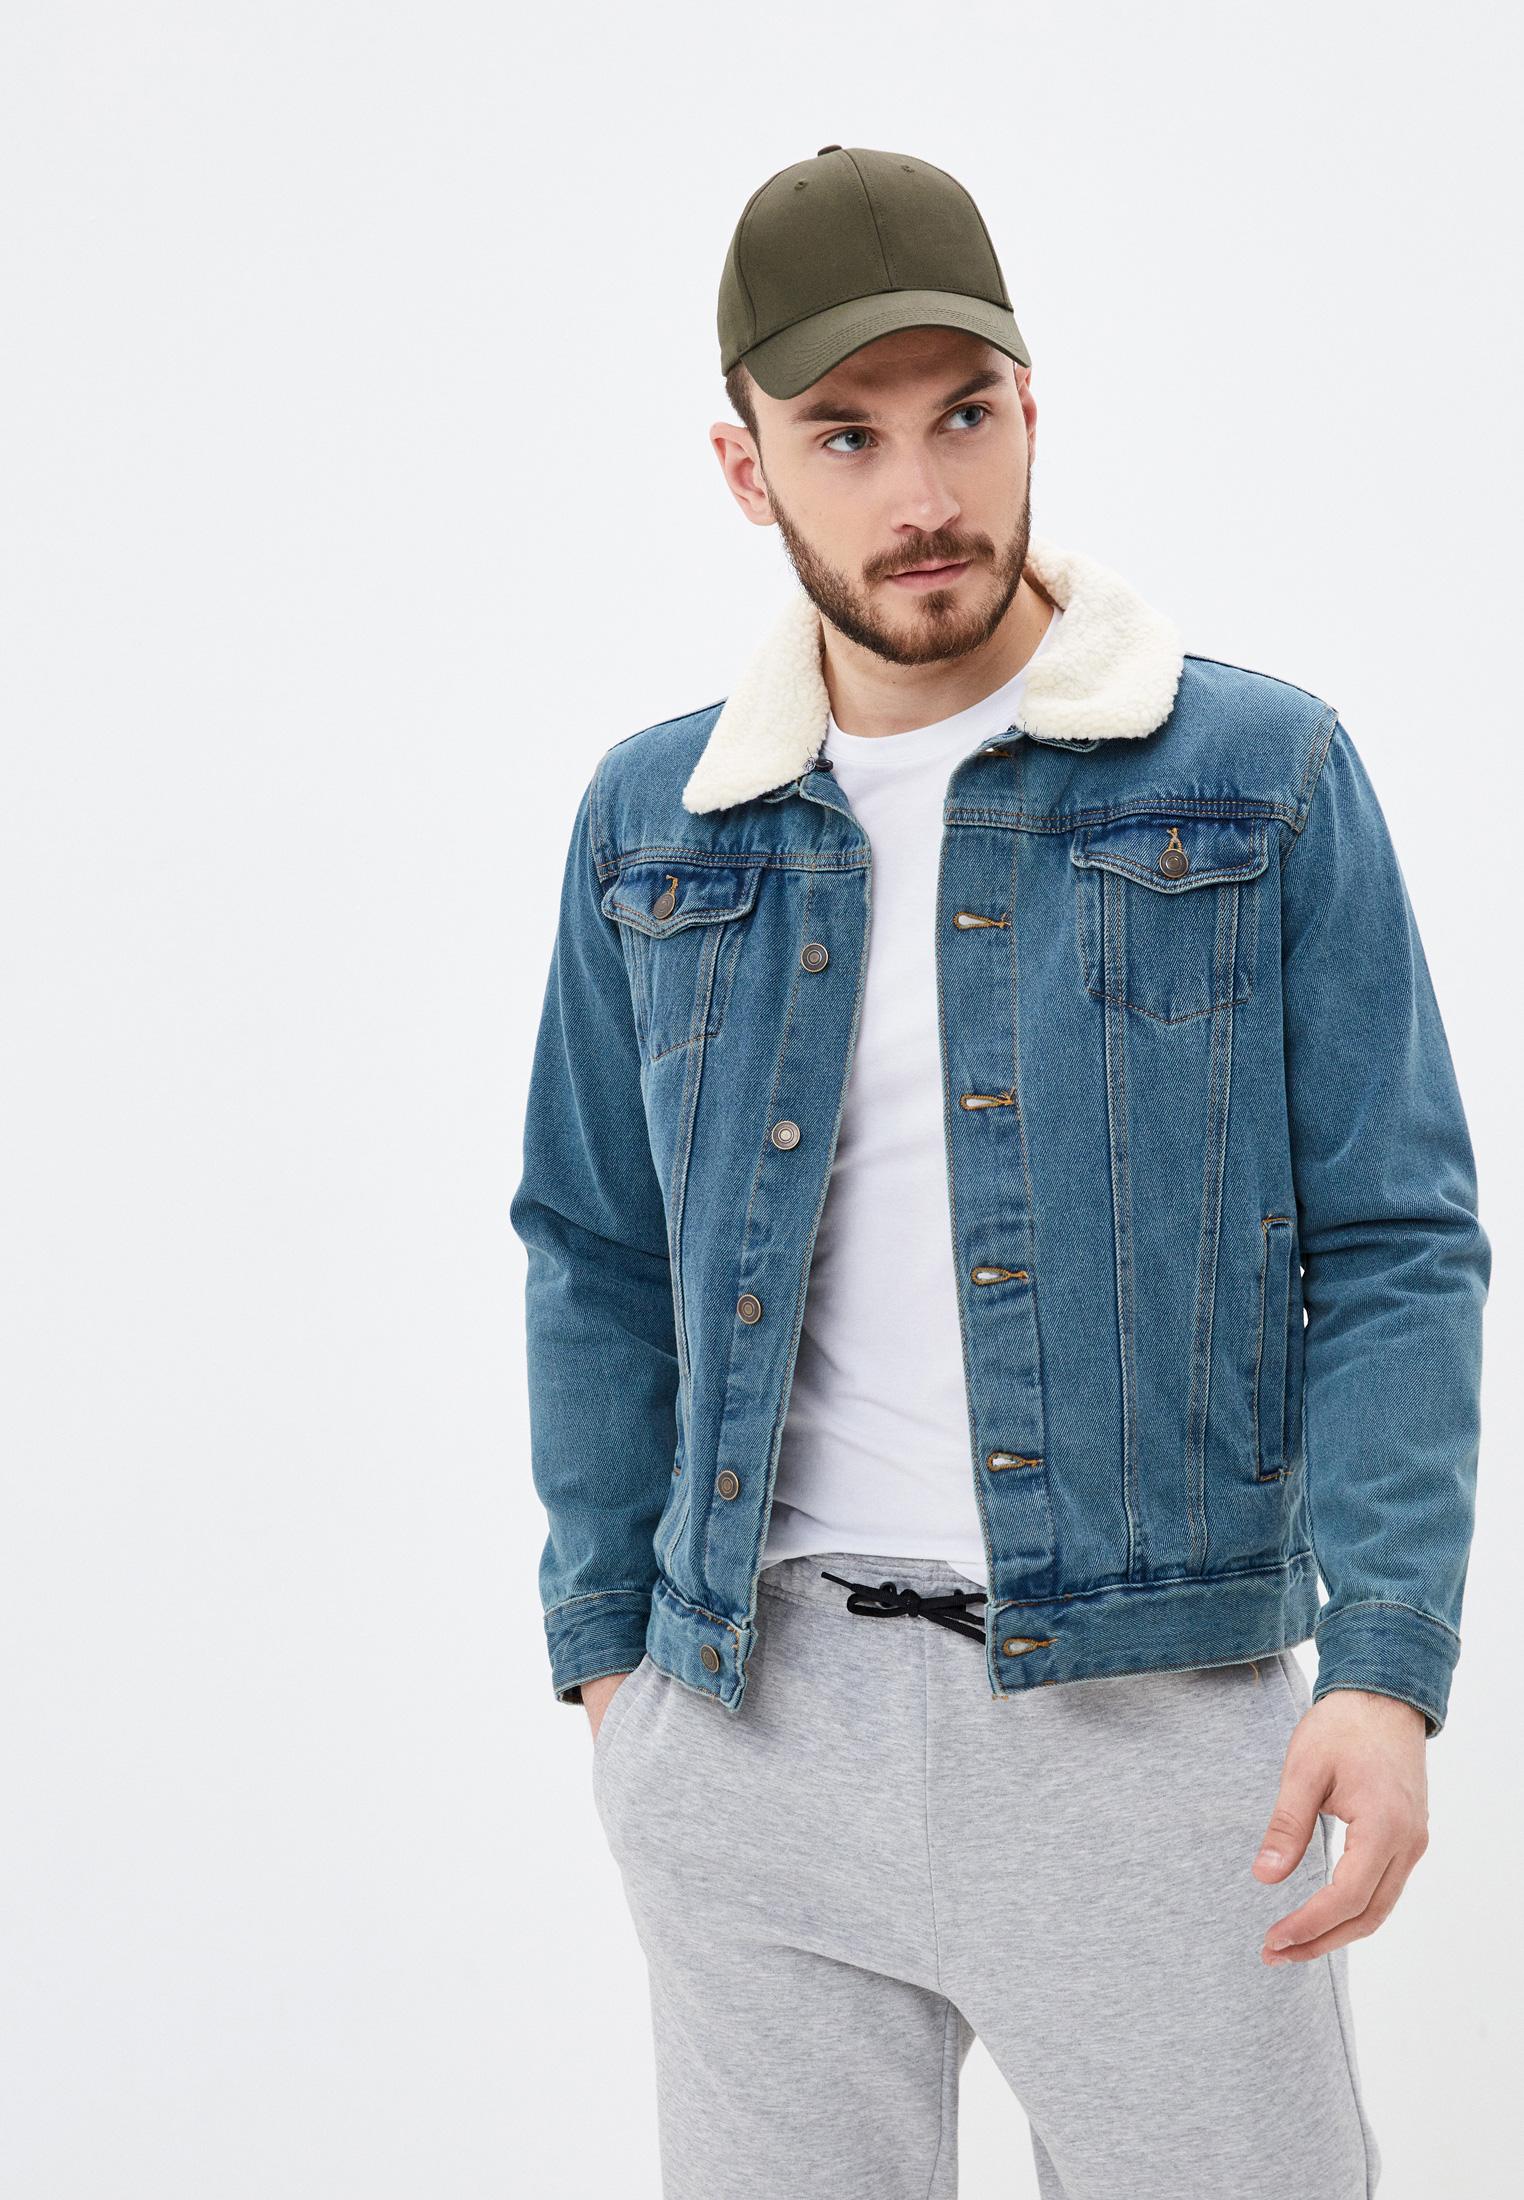 Джинсовая куртка Brave Soul Куртка джинсовая Brave Soul